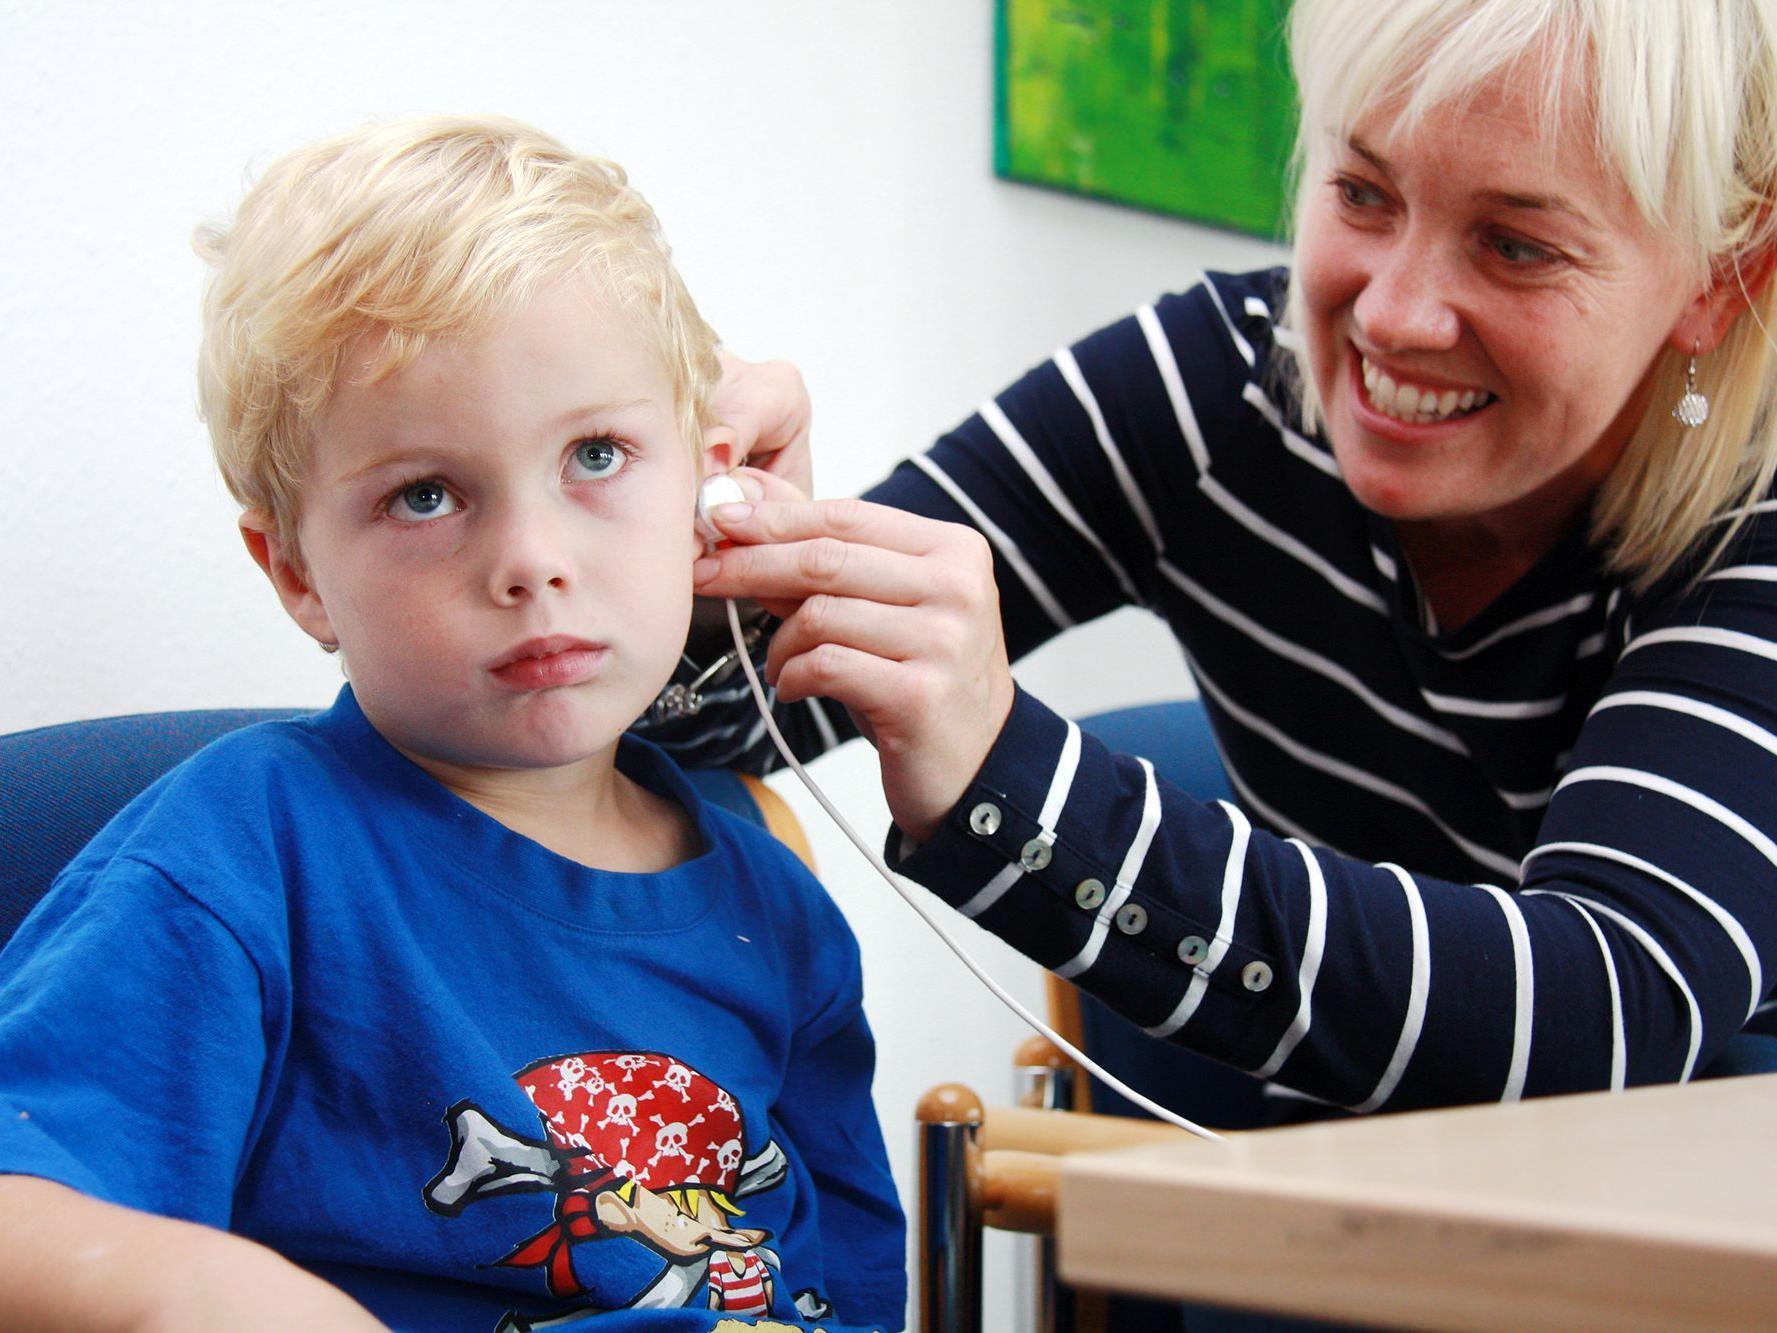 Das Seh- und Hörscreening kann nun schon bei vierjährigen Kindern durchgeführt werden.